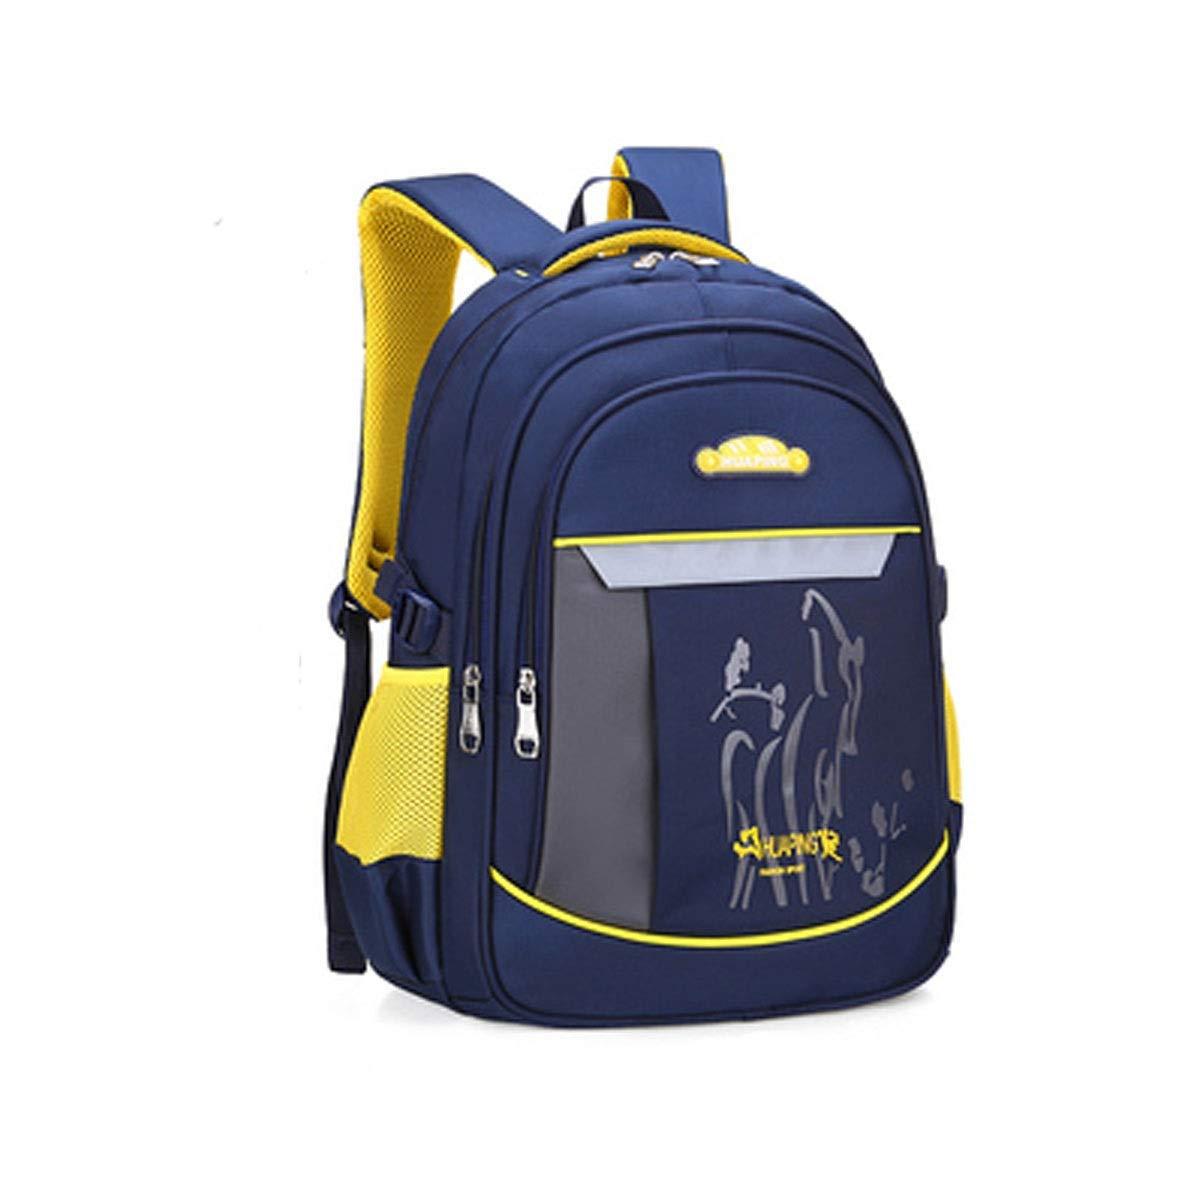 Aishanghuayi スクールバッグ 学生バッグ 耐摩耗性防水バックパック 1歳~9歳の学生に最適 463220cm マルチカラーオプション 美しい (カラー:ロイヤルブルー サイズ:463220cm) B07QNW1KJJ